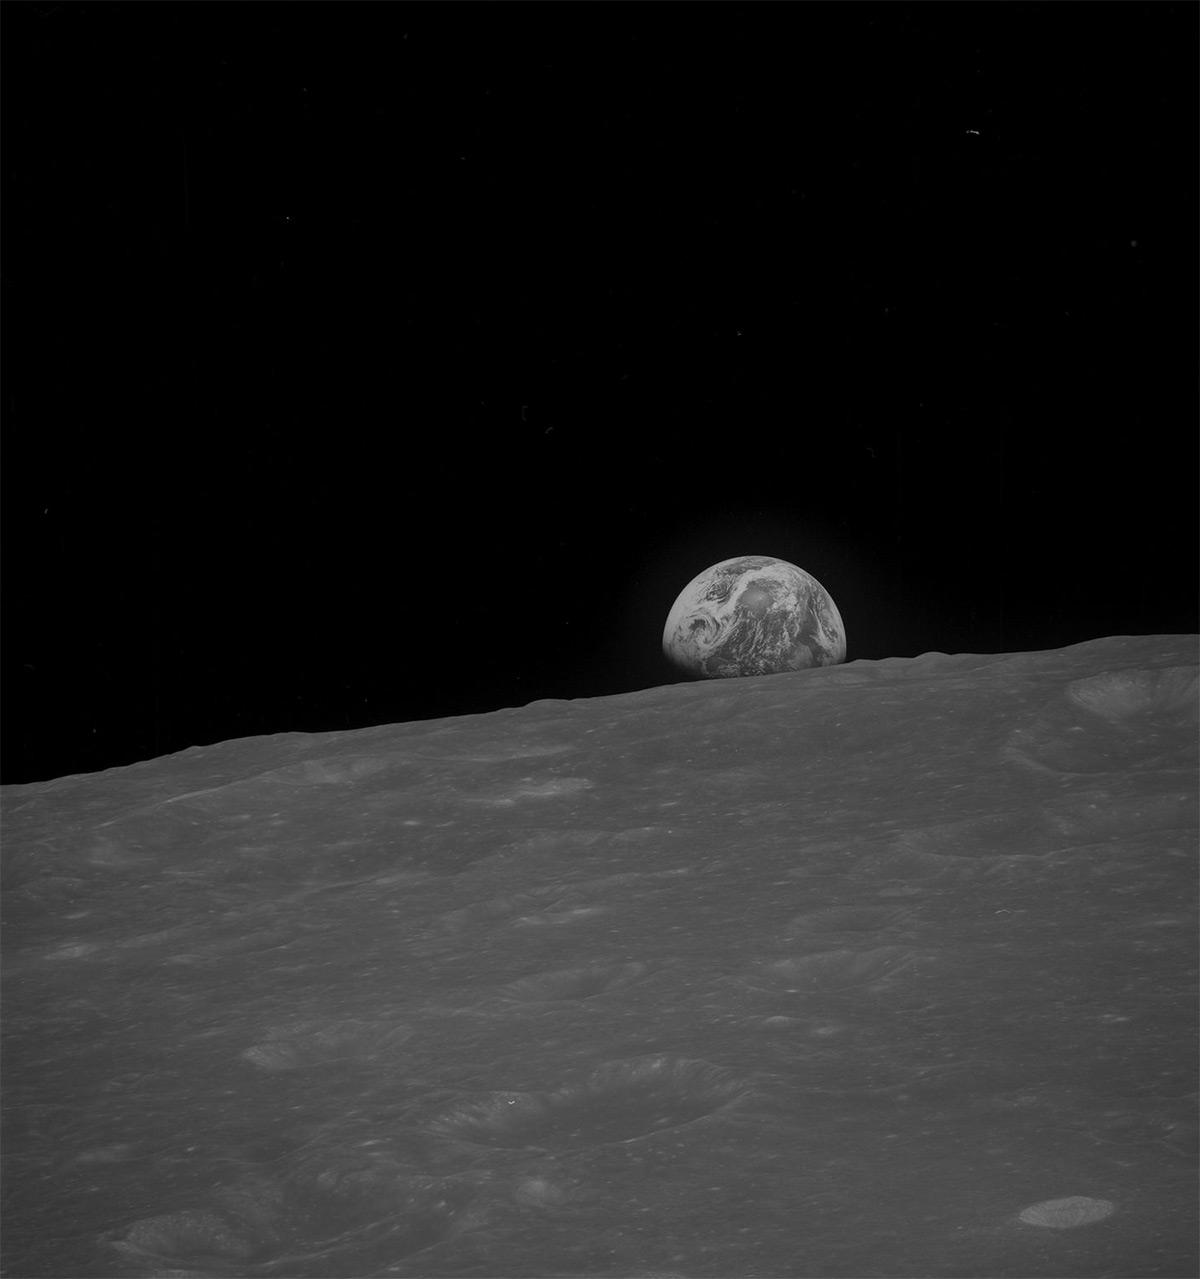 НАСА, Аполлон, лунная миссия, редкие фотографии-9